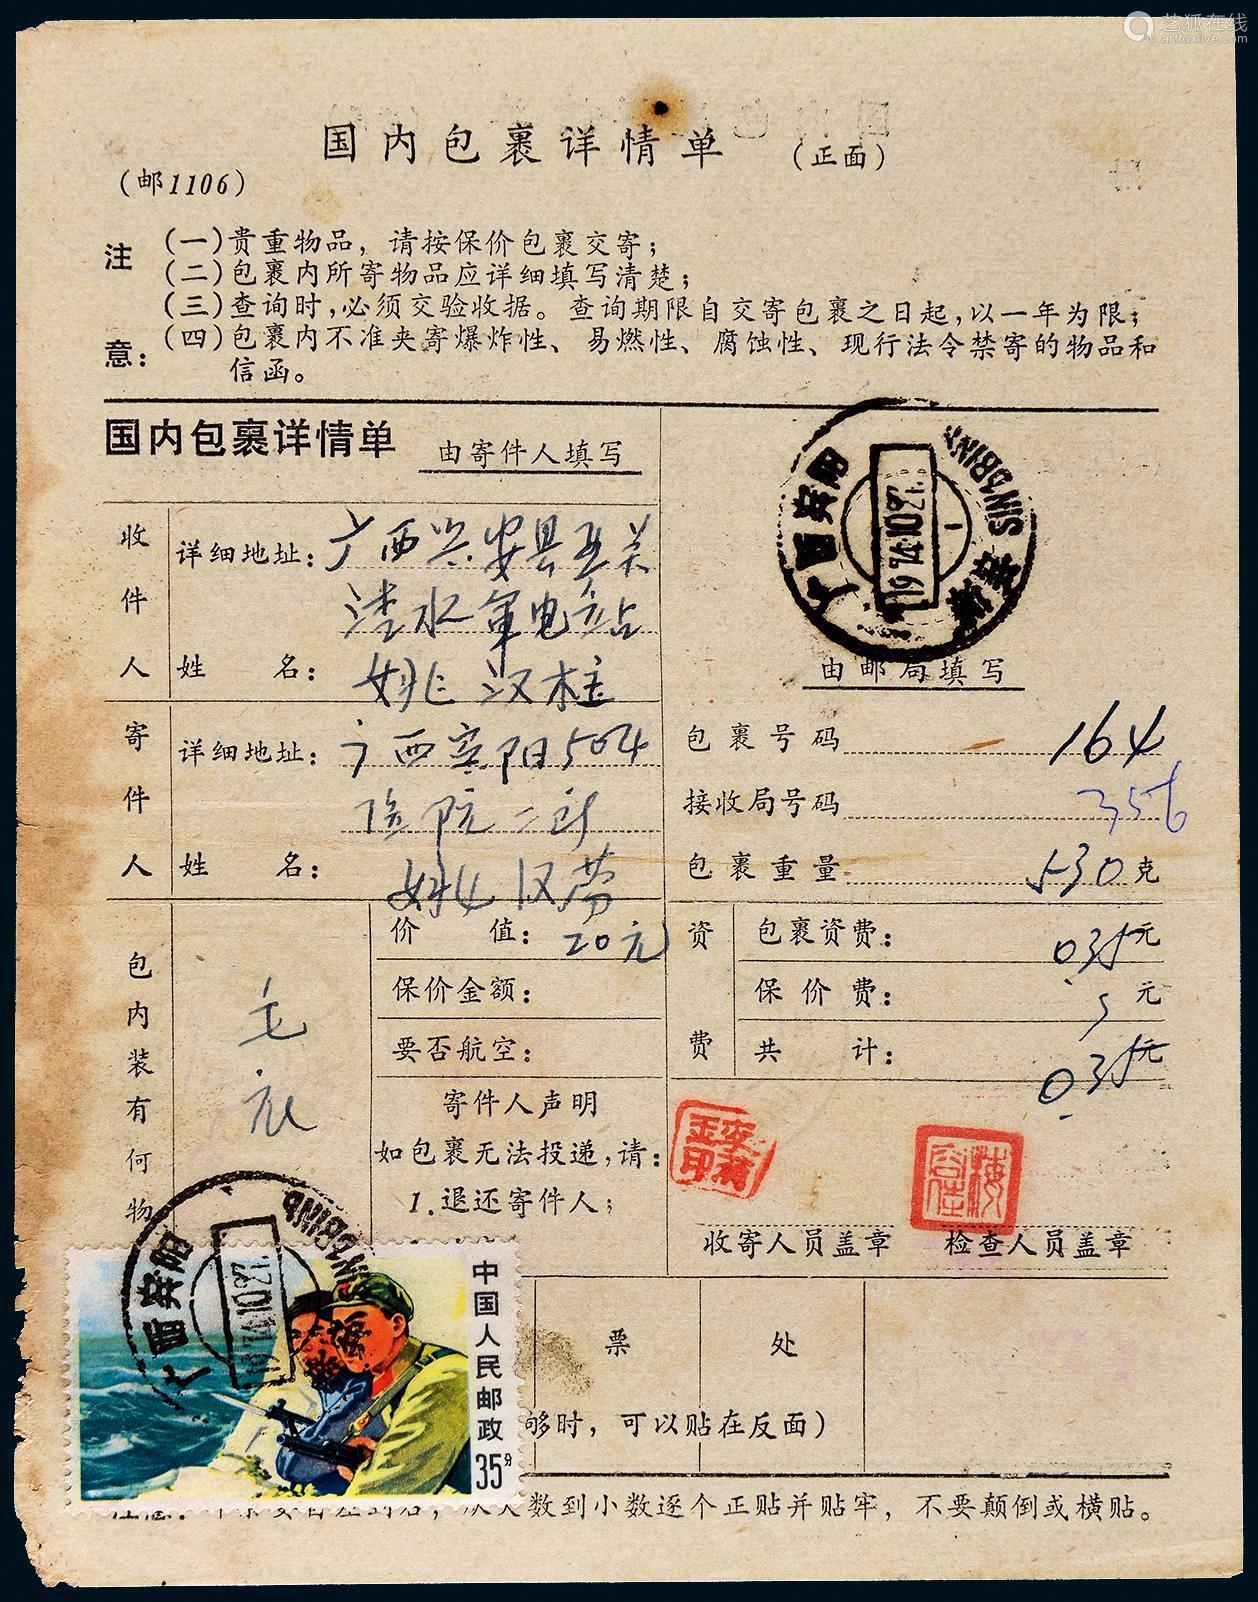 1974年广西宾阳寄广西兴安包裹单